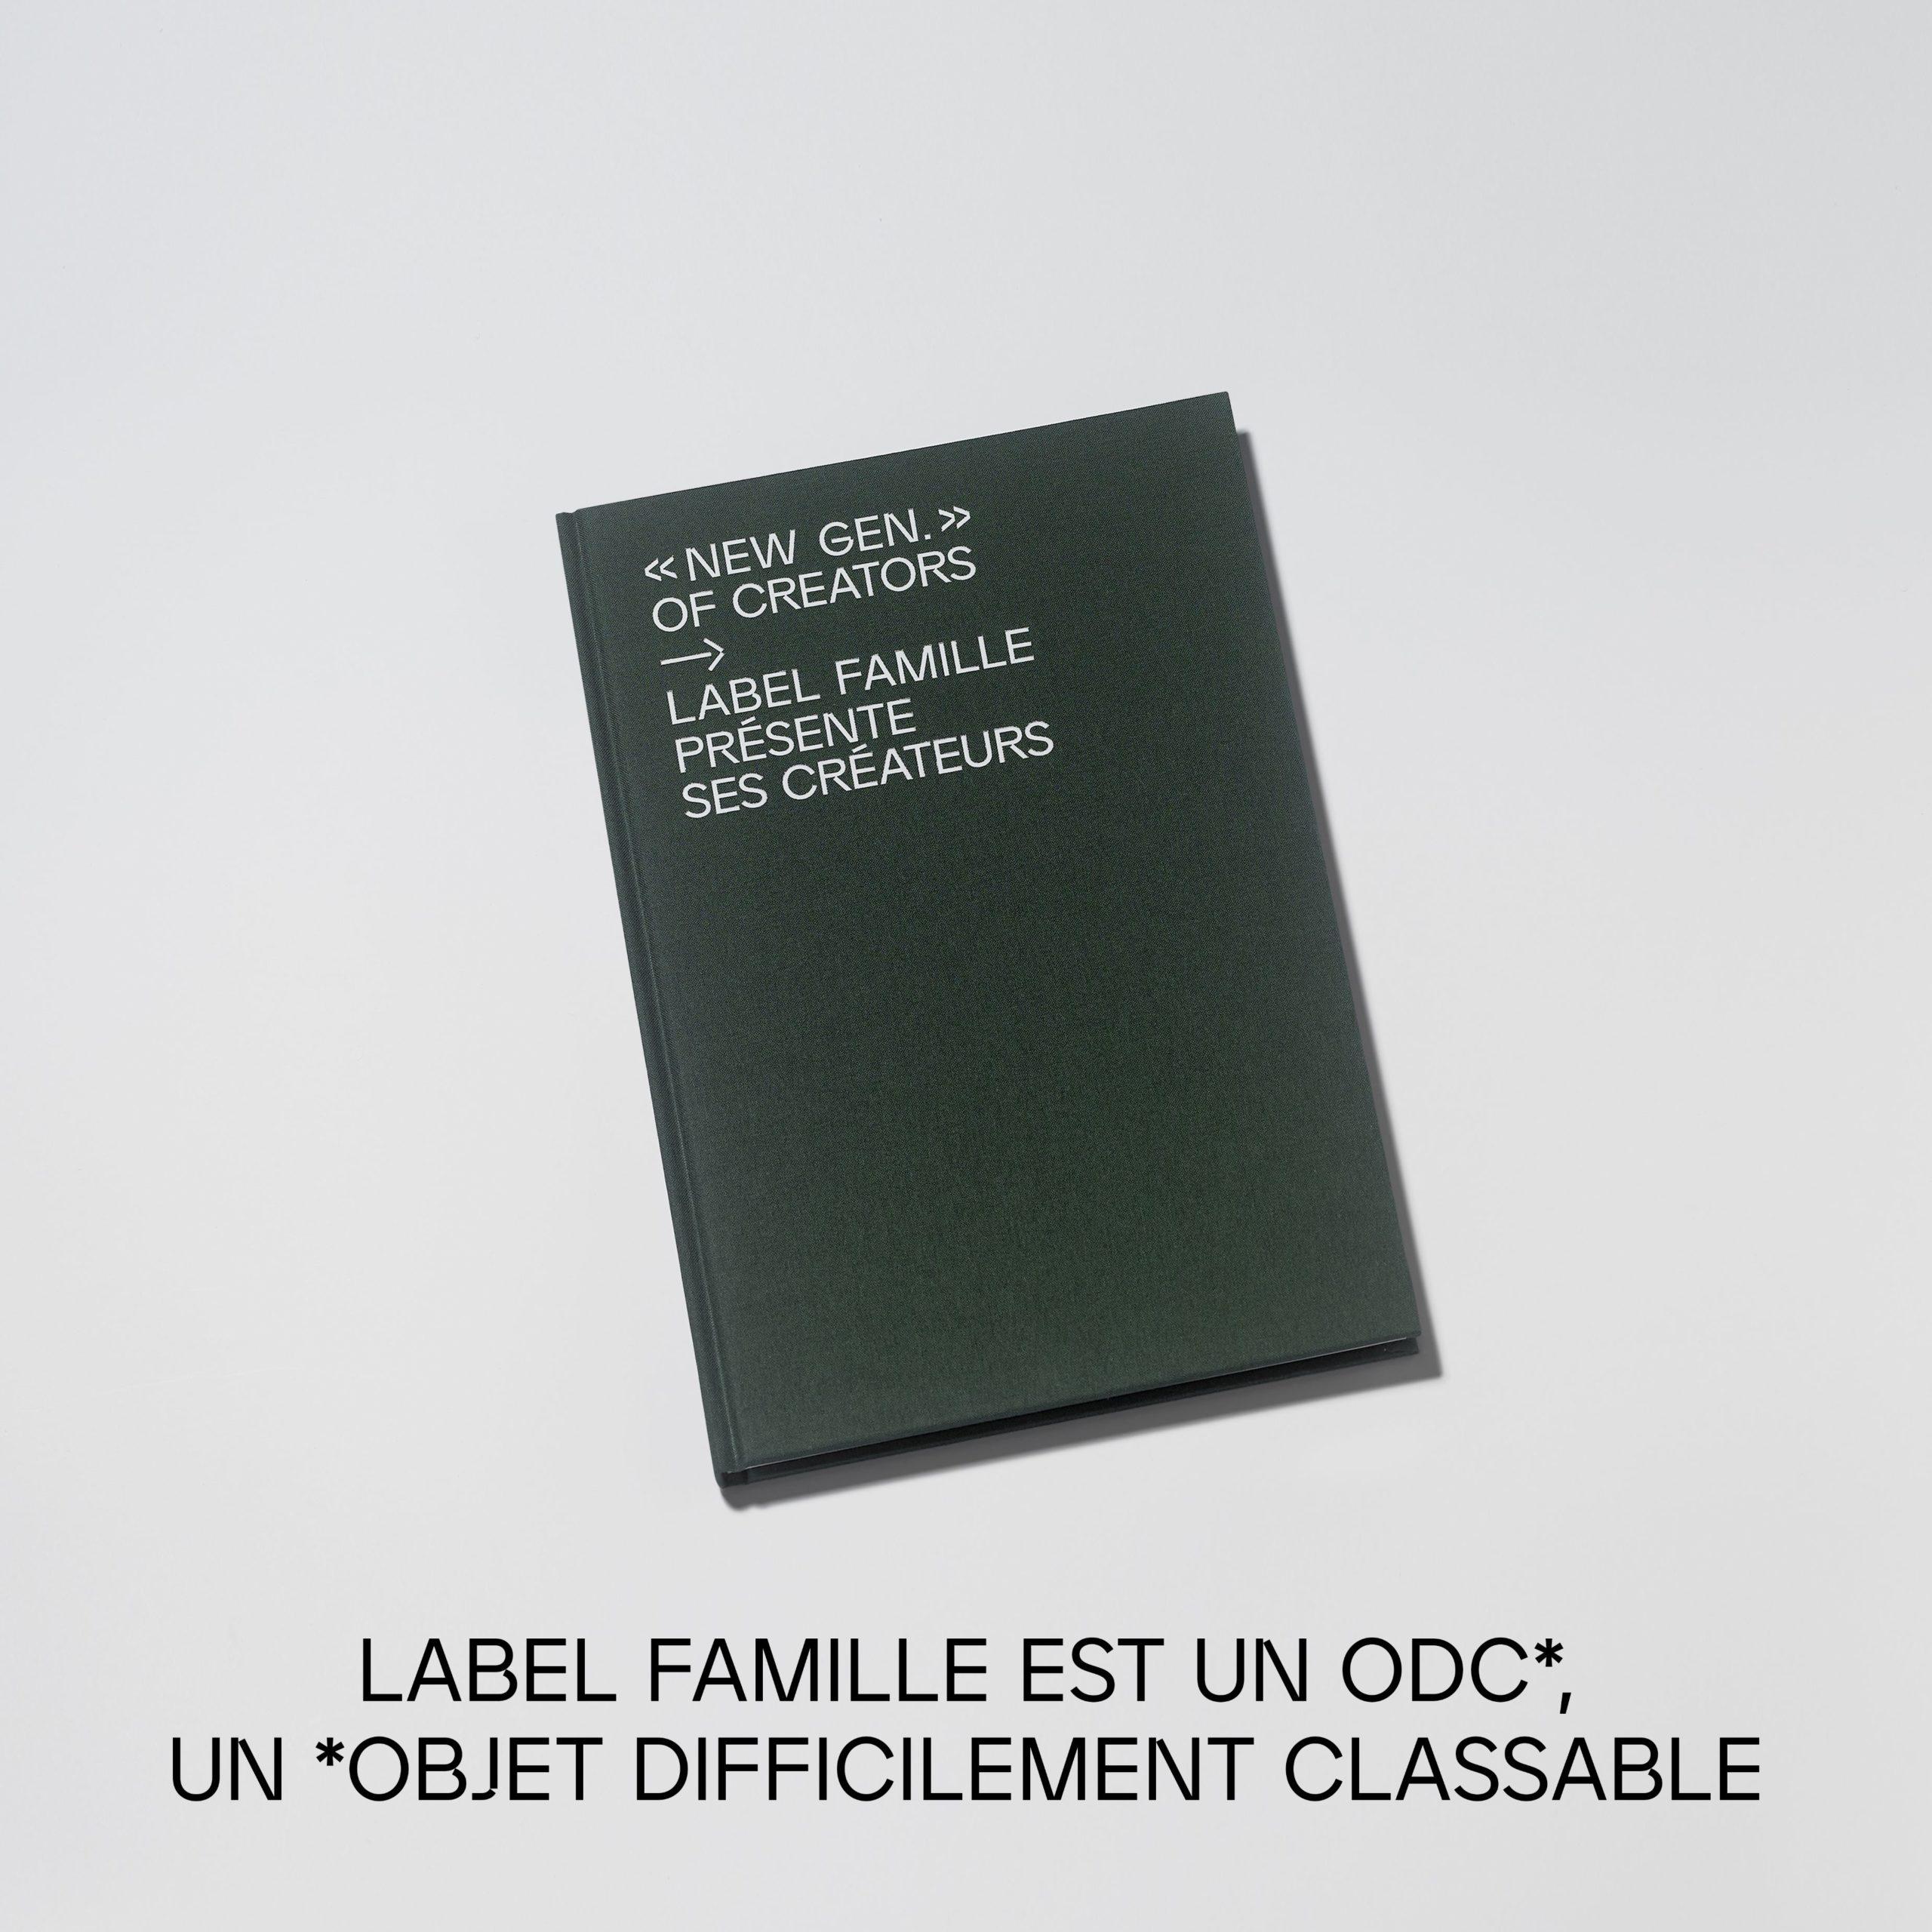 New gen of creators © Label Famille